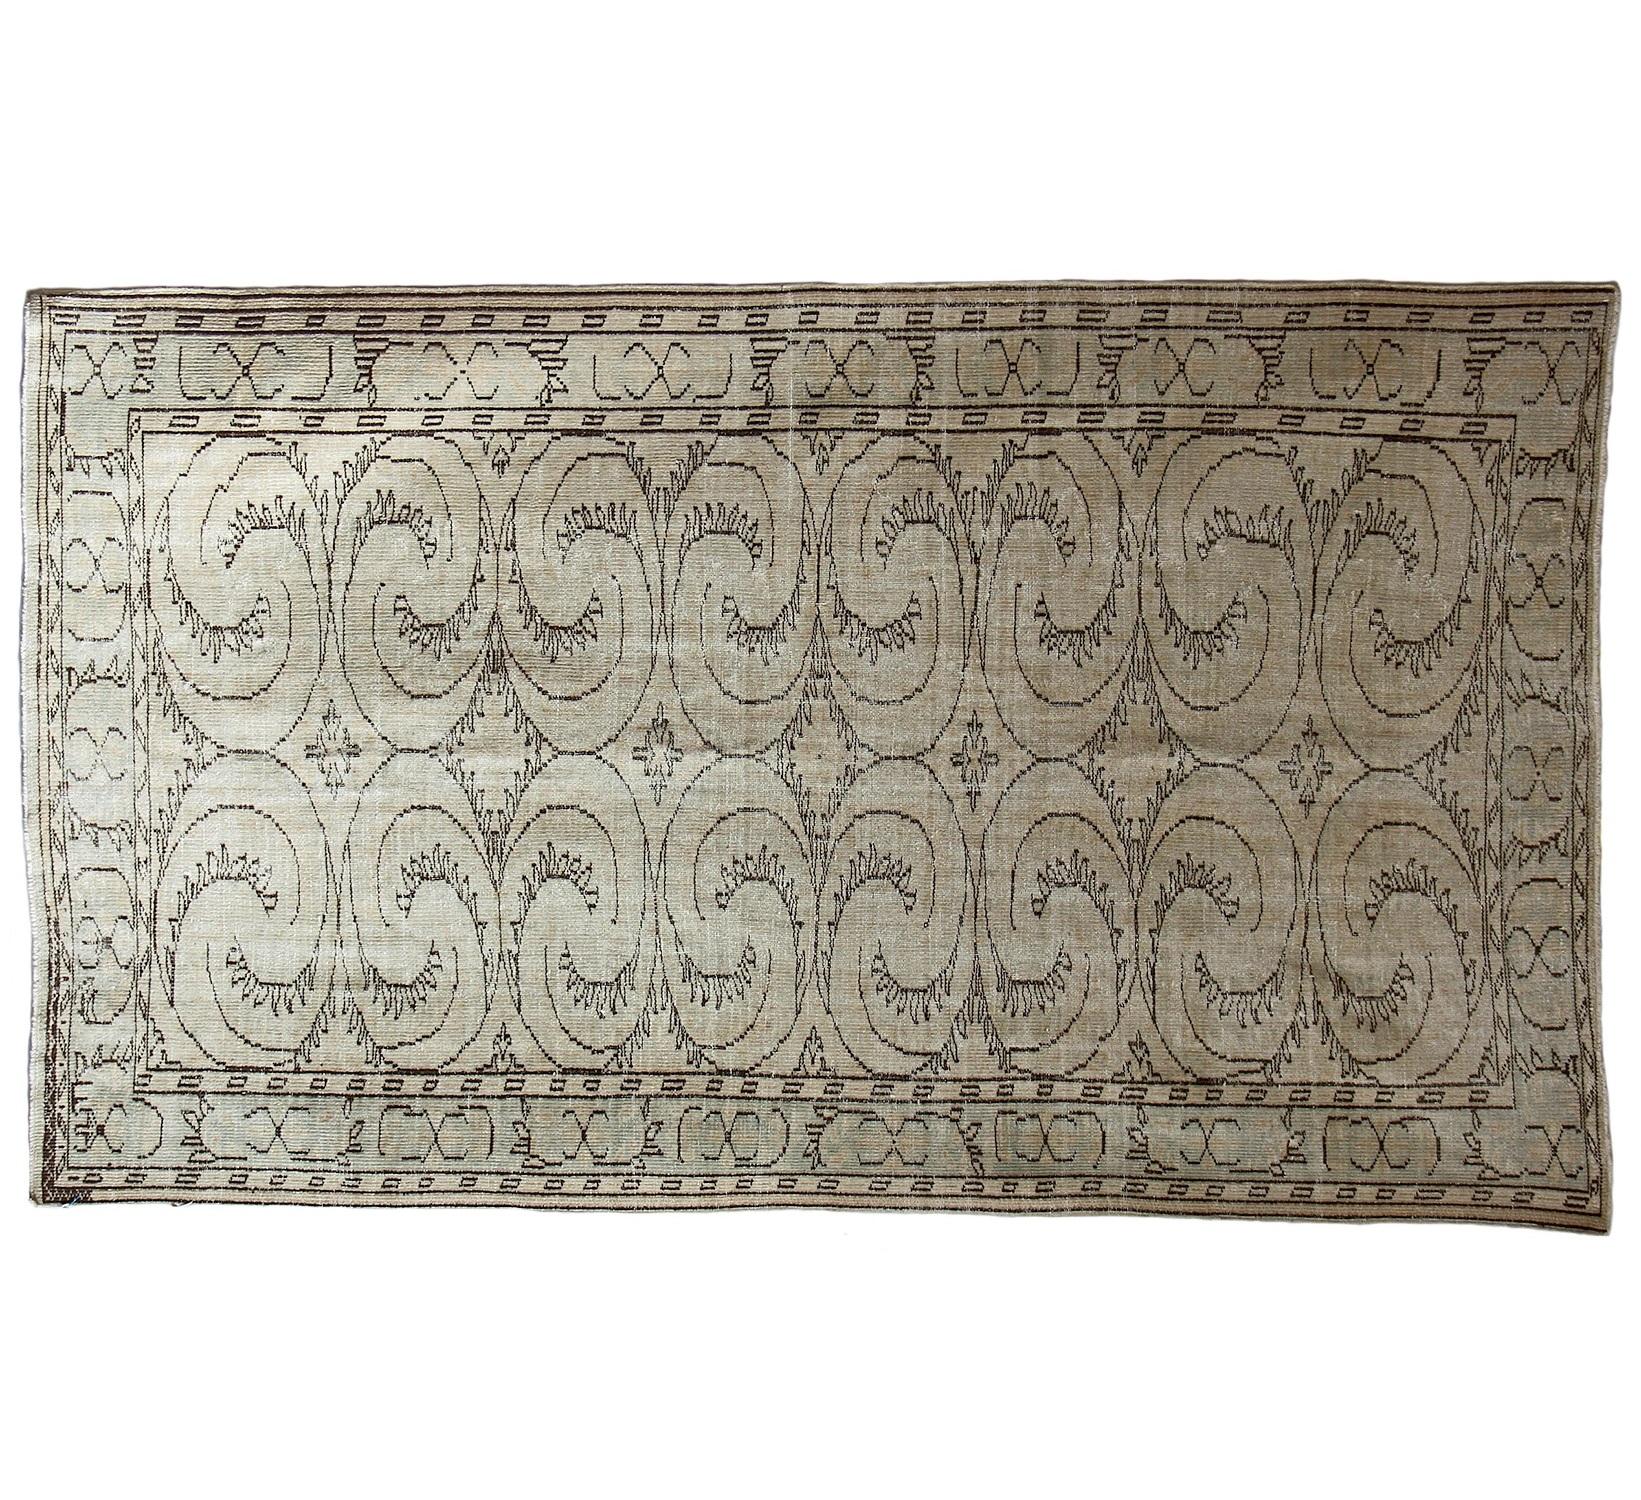 Ковер OVERDYED слоновая костьПрямоугольные ковры<br>Ковер ручной работы из Ирана – вещь с невероятной энергетикой, особым колоритом и настроением. Его ткут из тонких нитей, спряденных из шерсти горного барана архара. В лицевой стороны ковер очень мягкий, с характерным начесом, плавным, струящимся рисунком, который достигается за счет высокой плотности узлов. А с изнанки – однородный, ровный. Потомственные ткачи из Кума, Тебриза, Наина и Исфахана создавали подобные шедевры еще во времена Александра Македонского.<br><br>Material: Текстиль<br>Length см: 290<br>Width см: 172